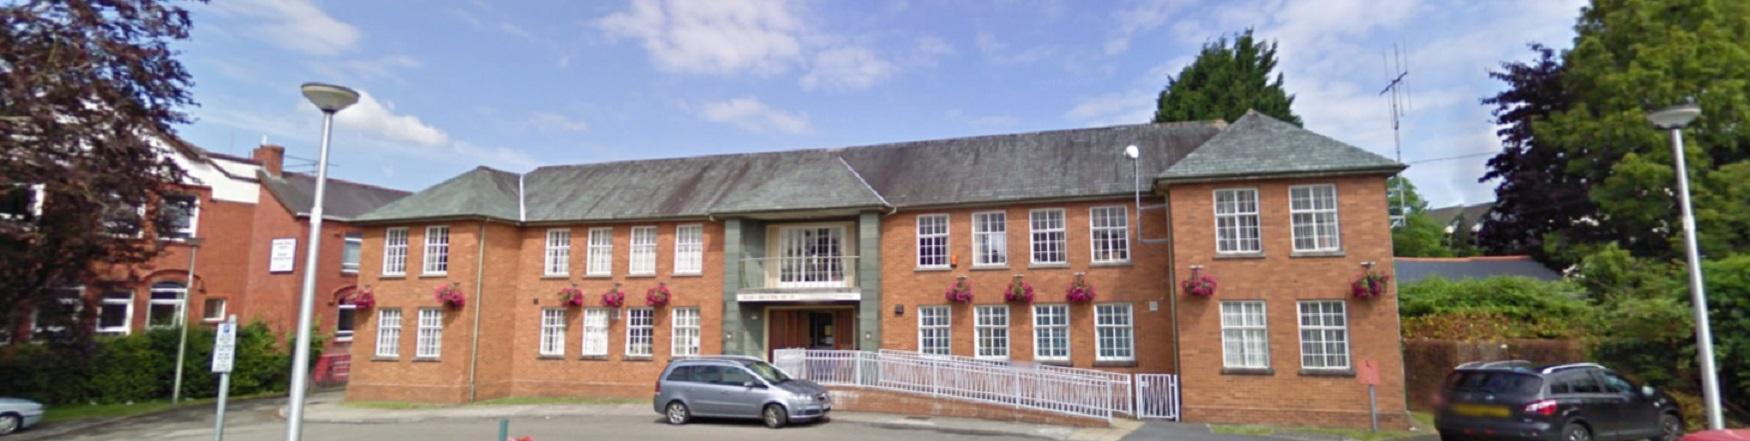 ammanford-town-hall-header.jpg